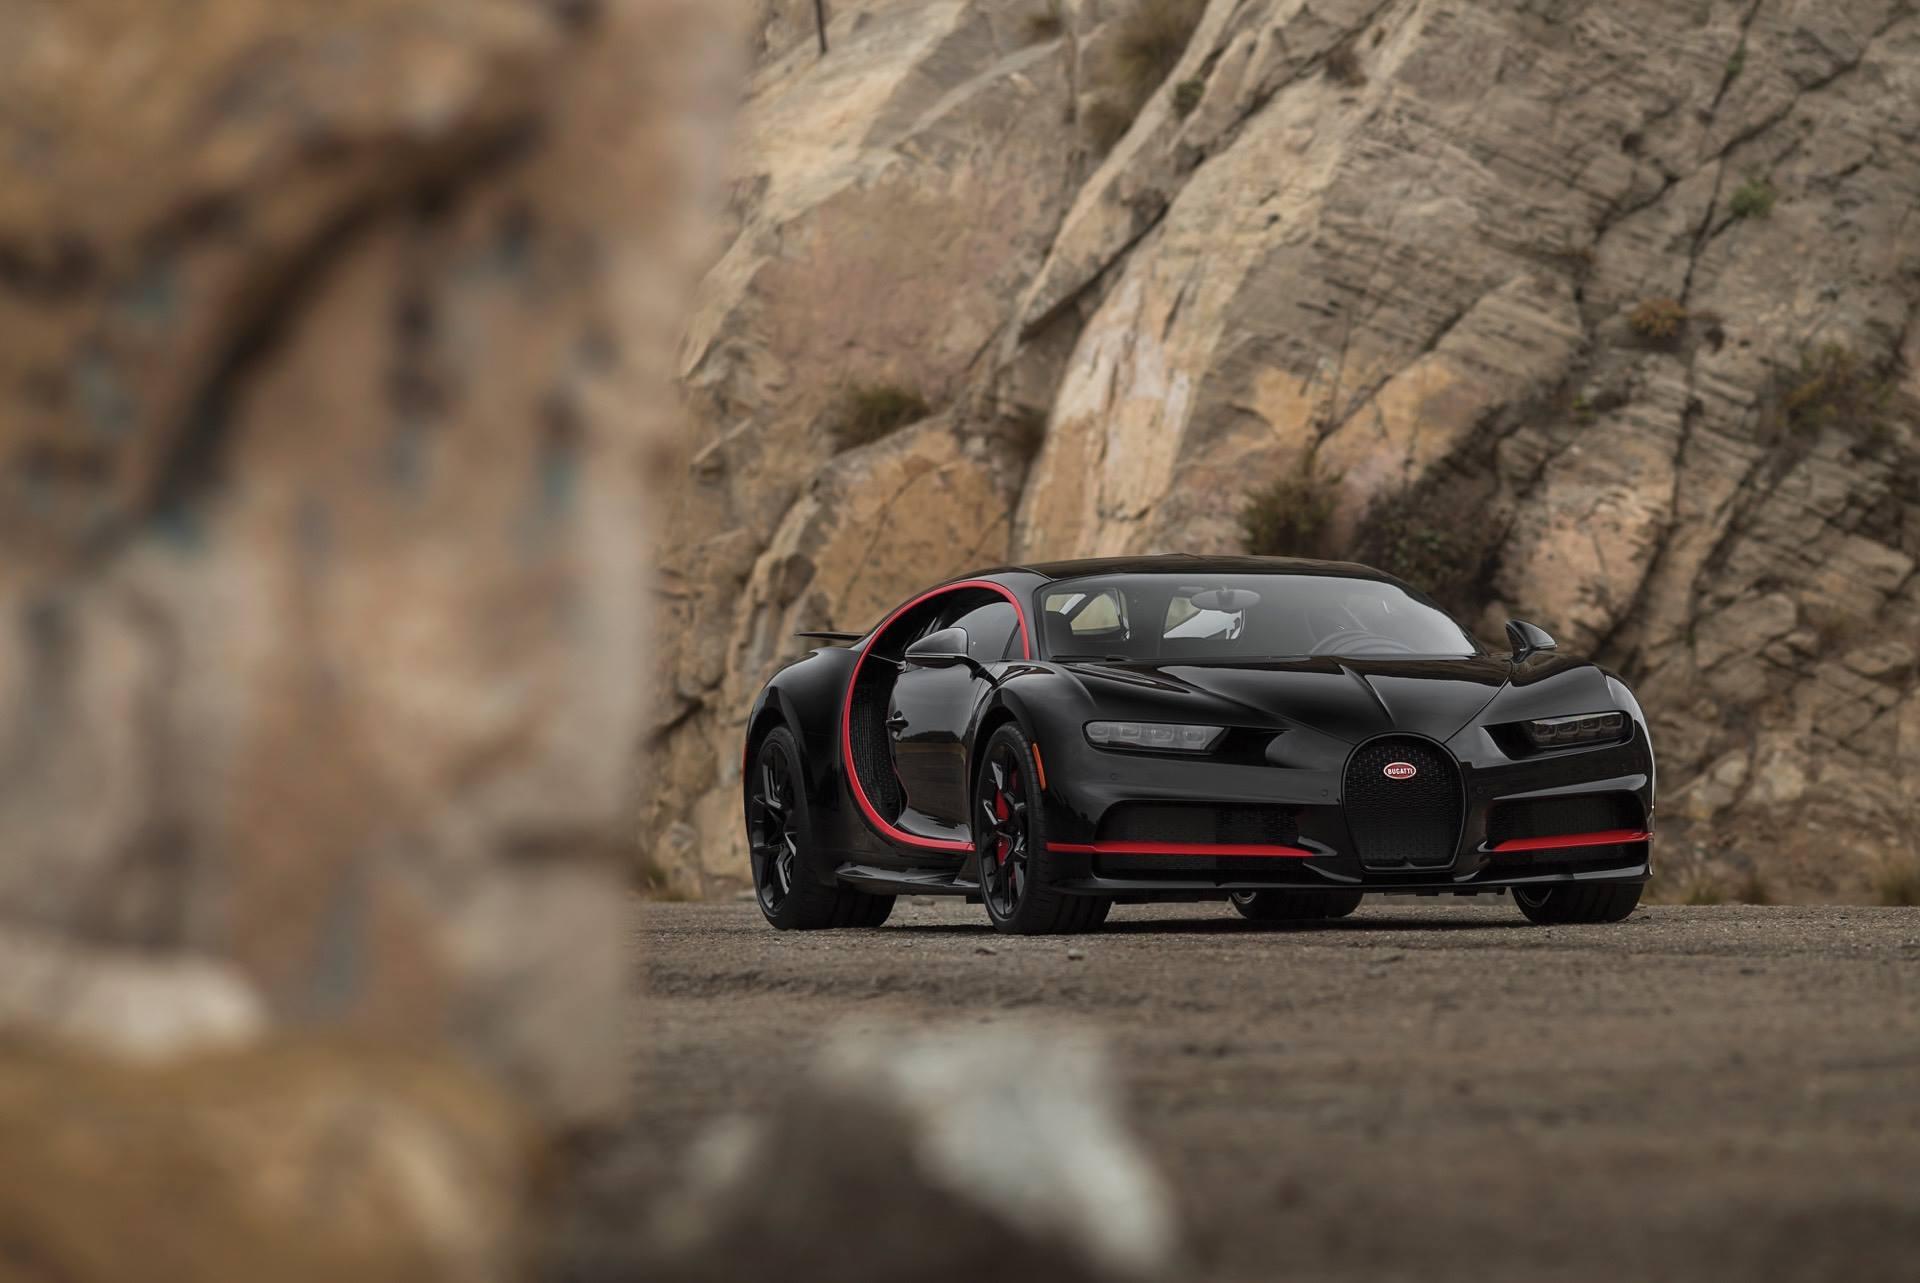 Black and Red Bugatti Chiron | Supercar Report